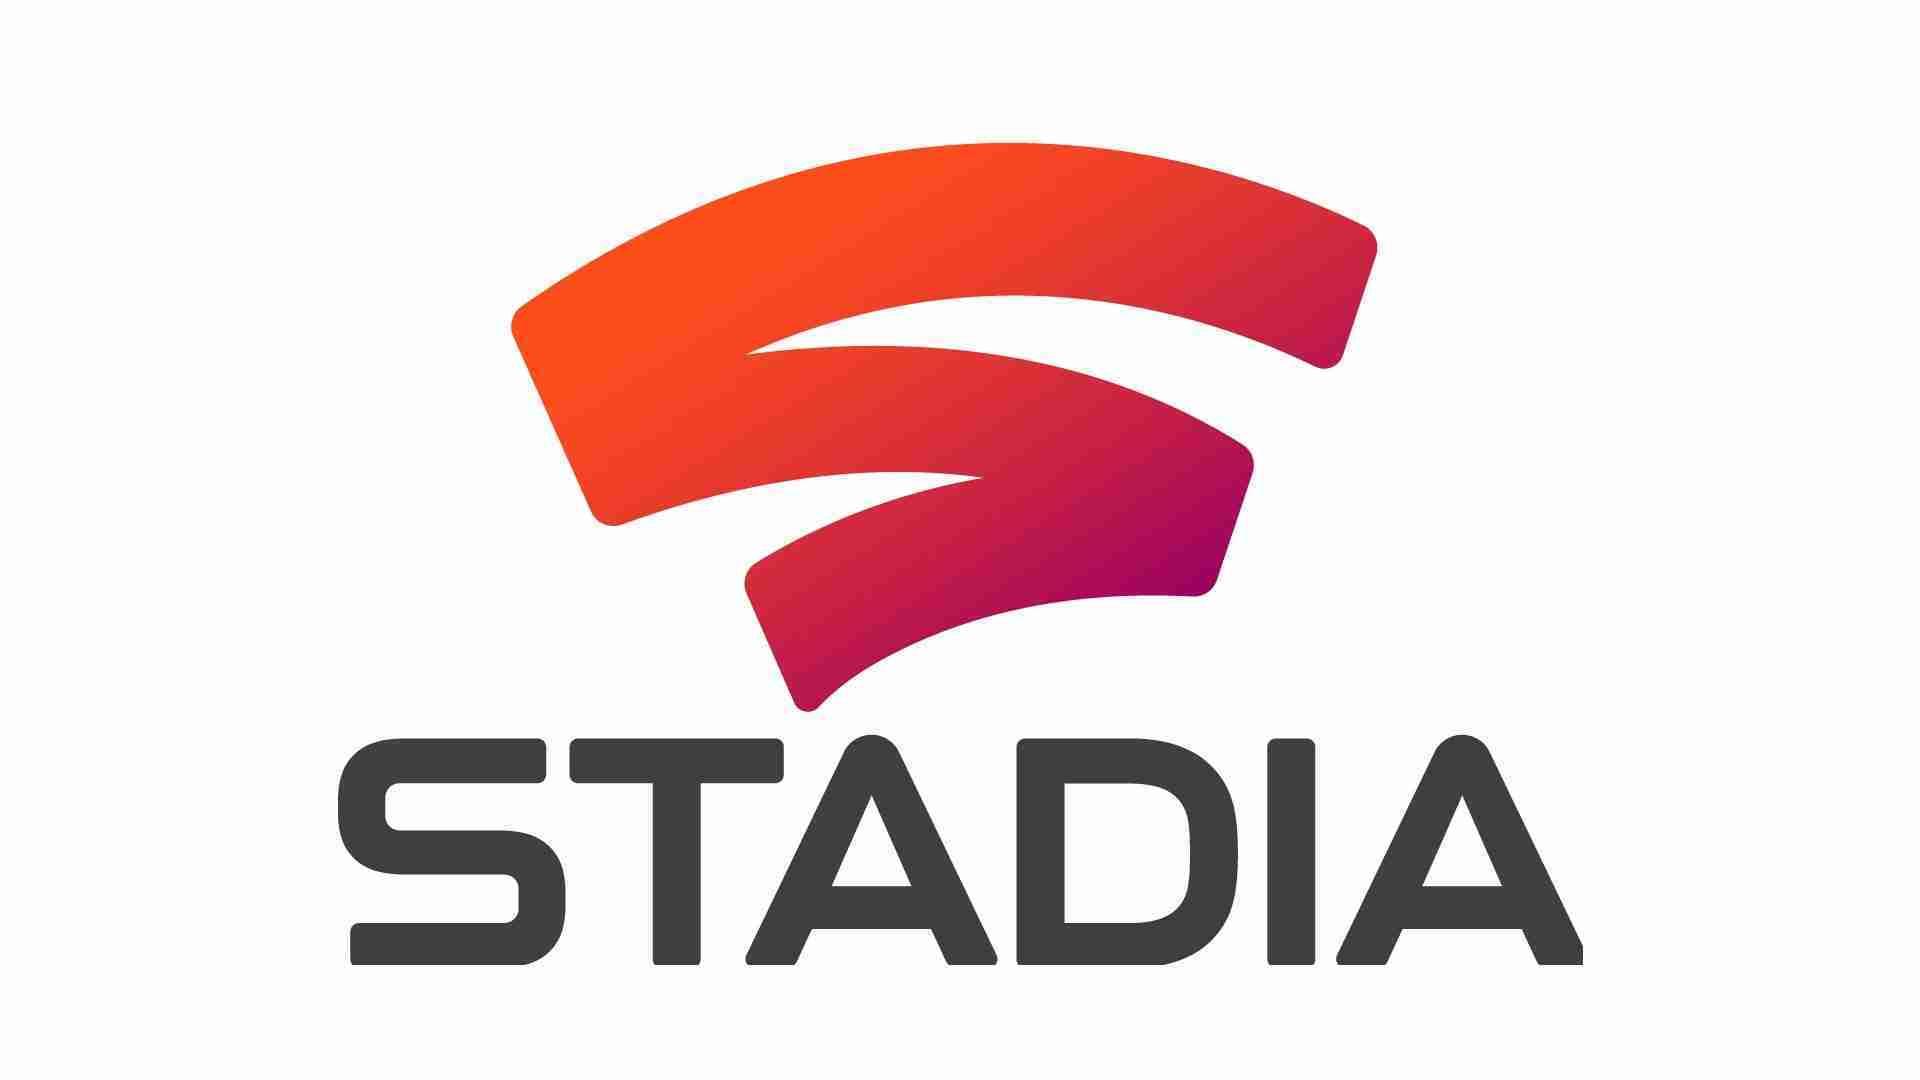 Come far funzionare Stadia su tutti gli smartphone Android